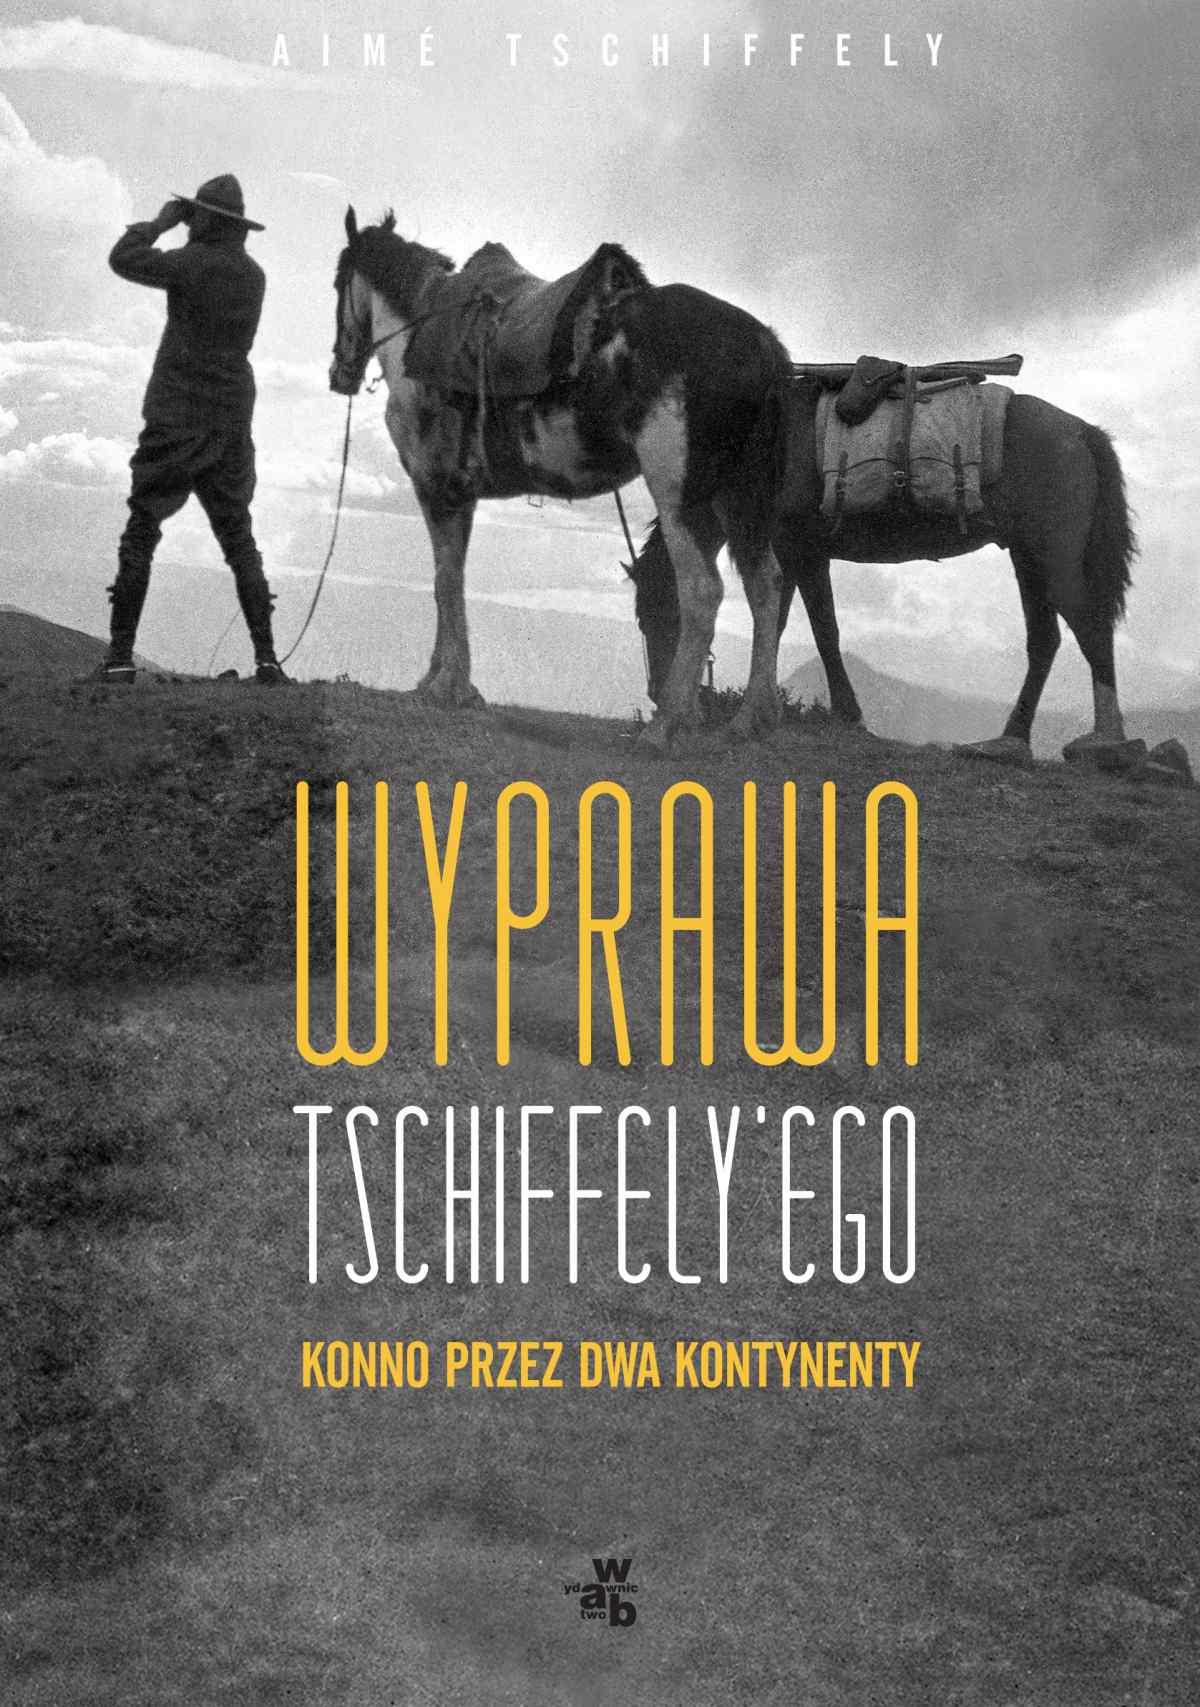 Wyprawa Tschiffely'ego - Ebook (Książka EPUB) do pobrania w formacie EPUB